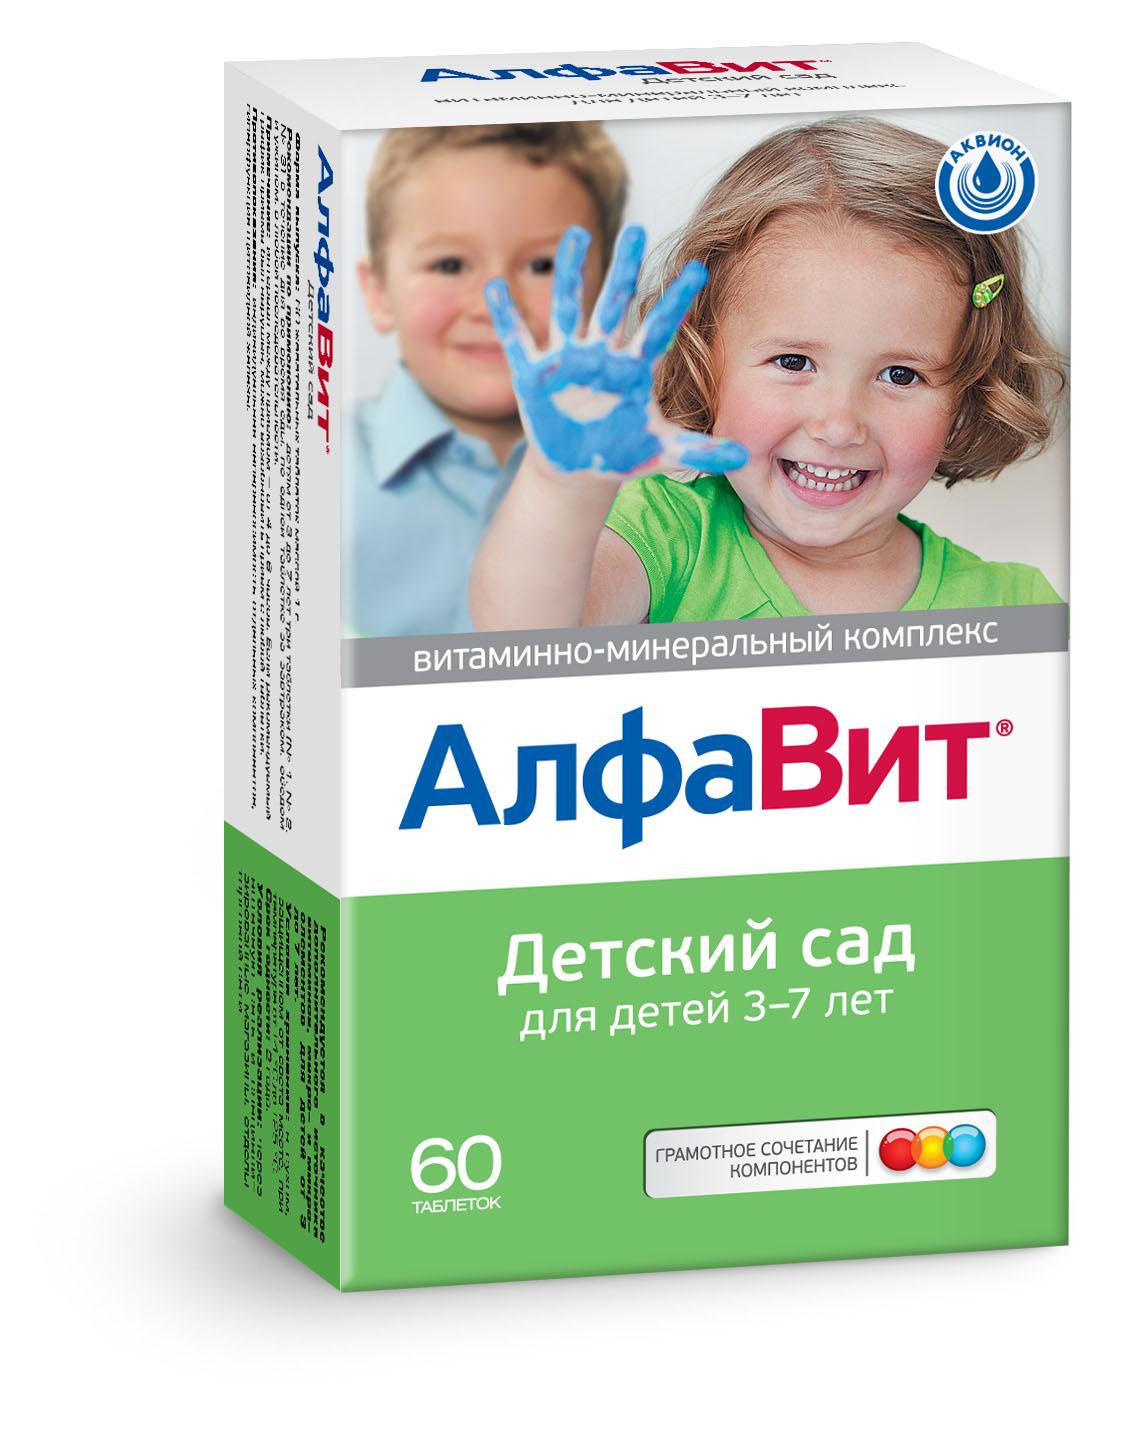 Фото препарата Алфавит Детский сад витаминно-минеральный комплекс таблетки жевательные (3 вида) массой 0,79г, 0,8г и 0,92г